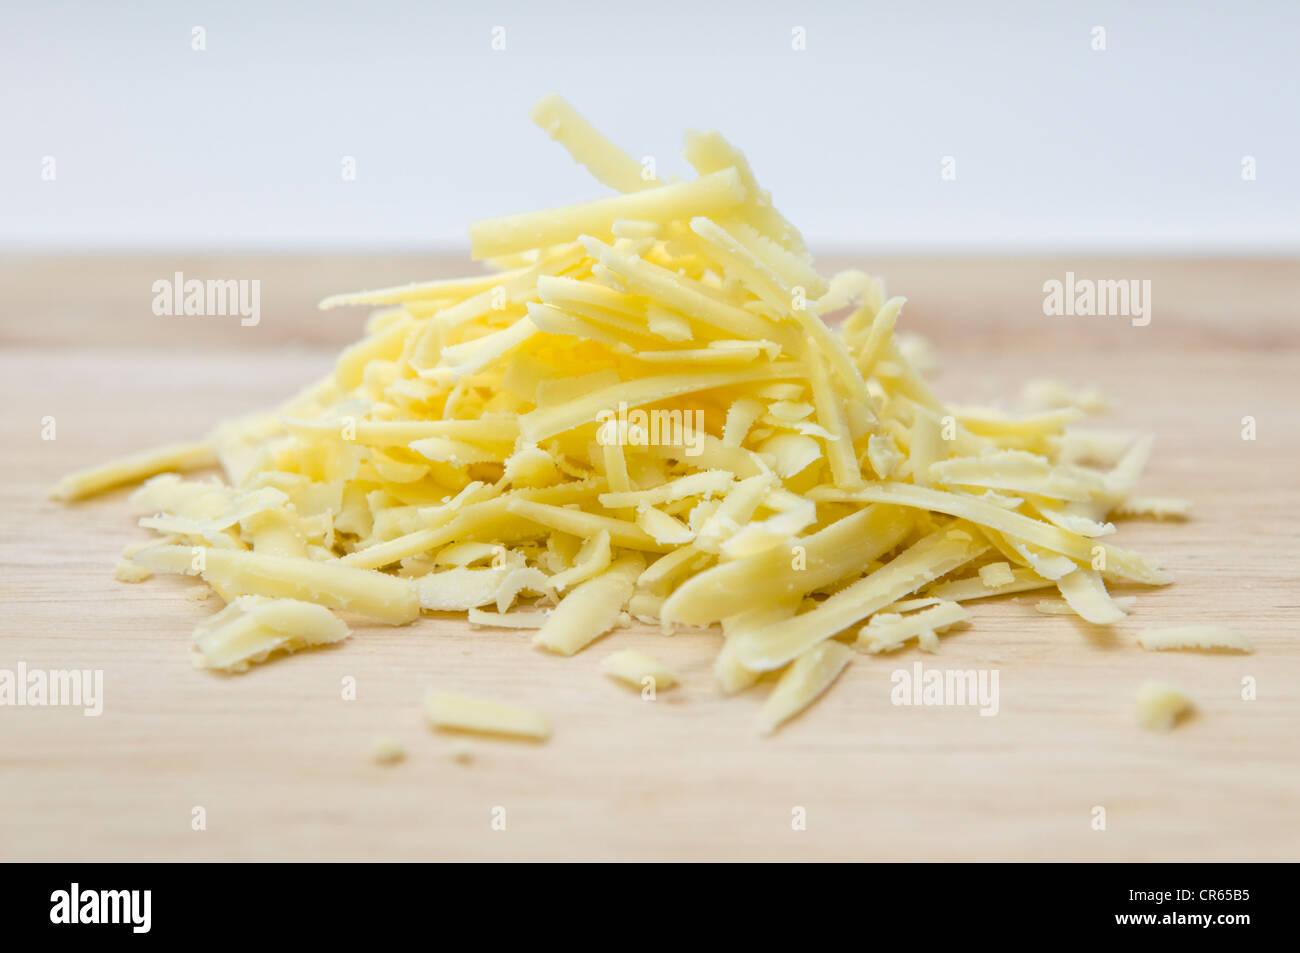 Fromage râpé sur planche en bois à l'arrière-plan blanc Photo Stock